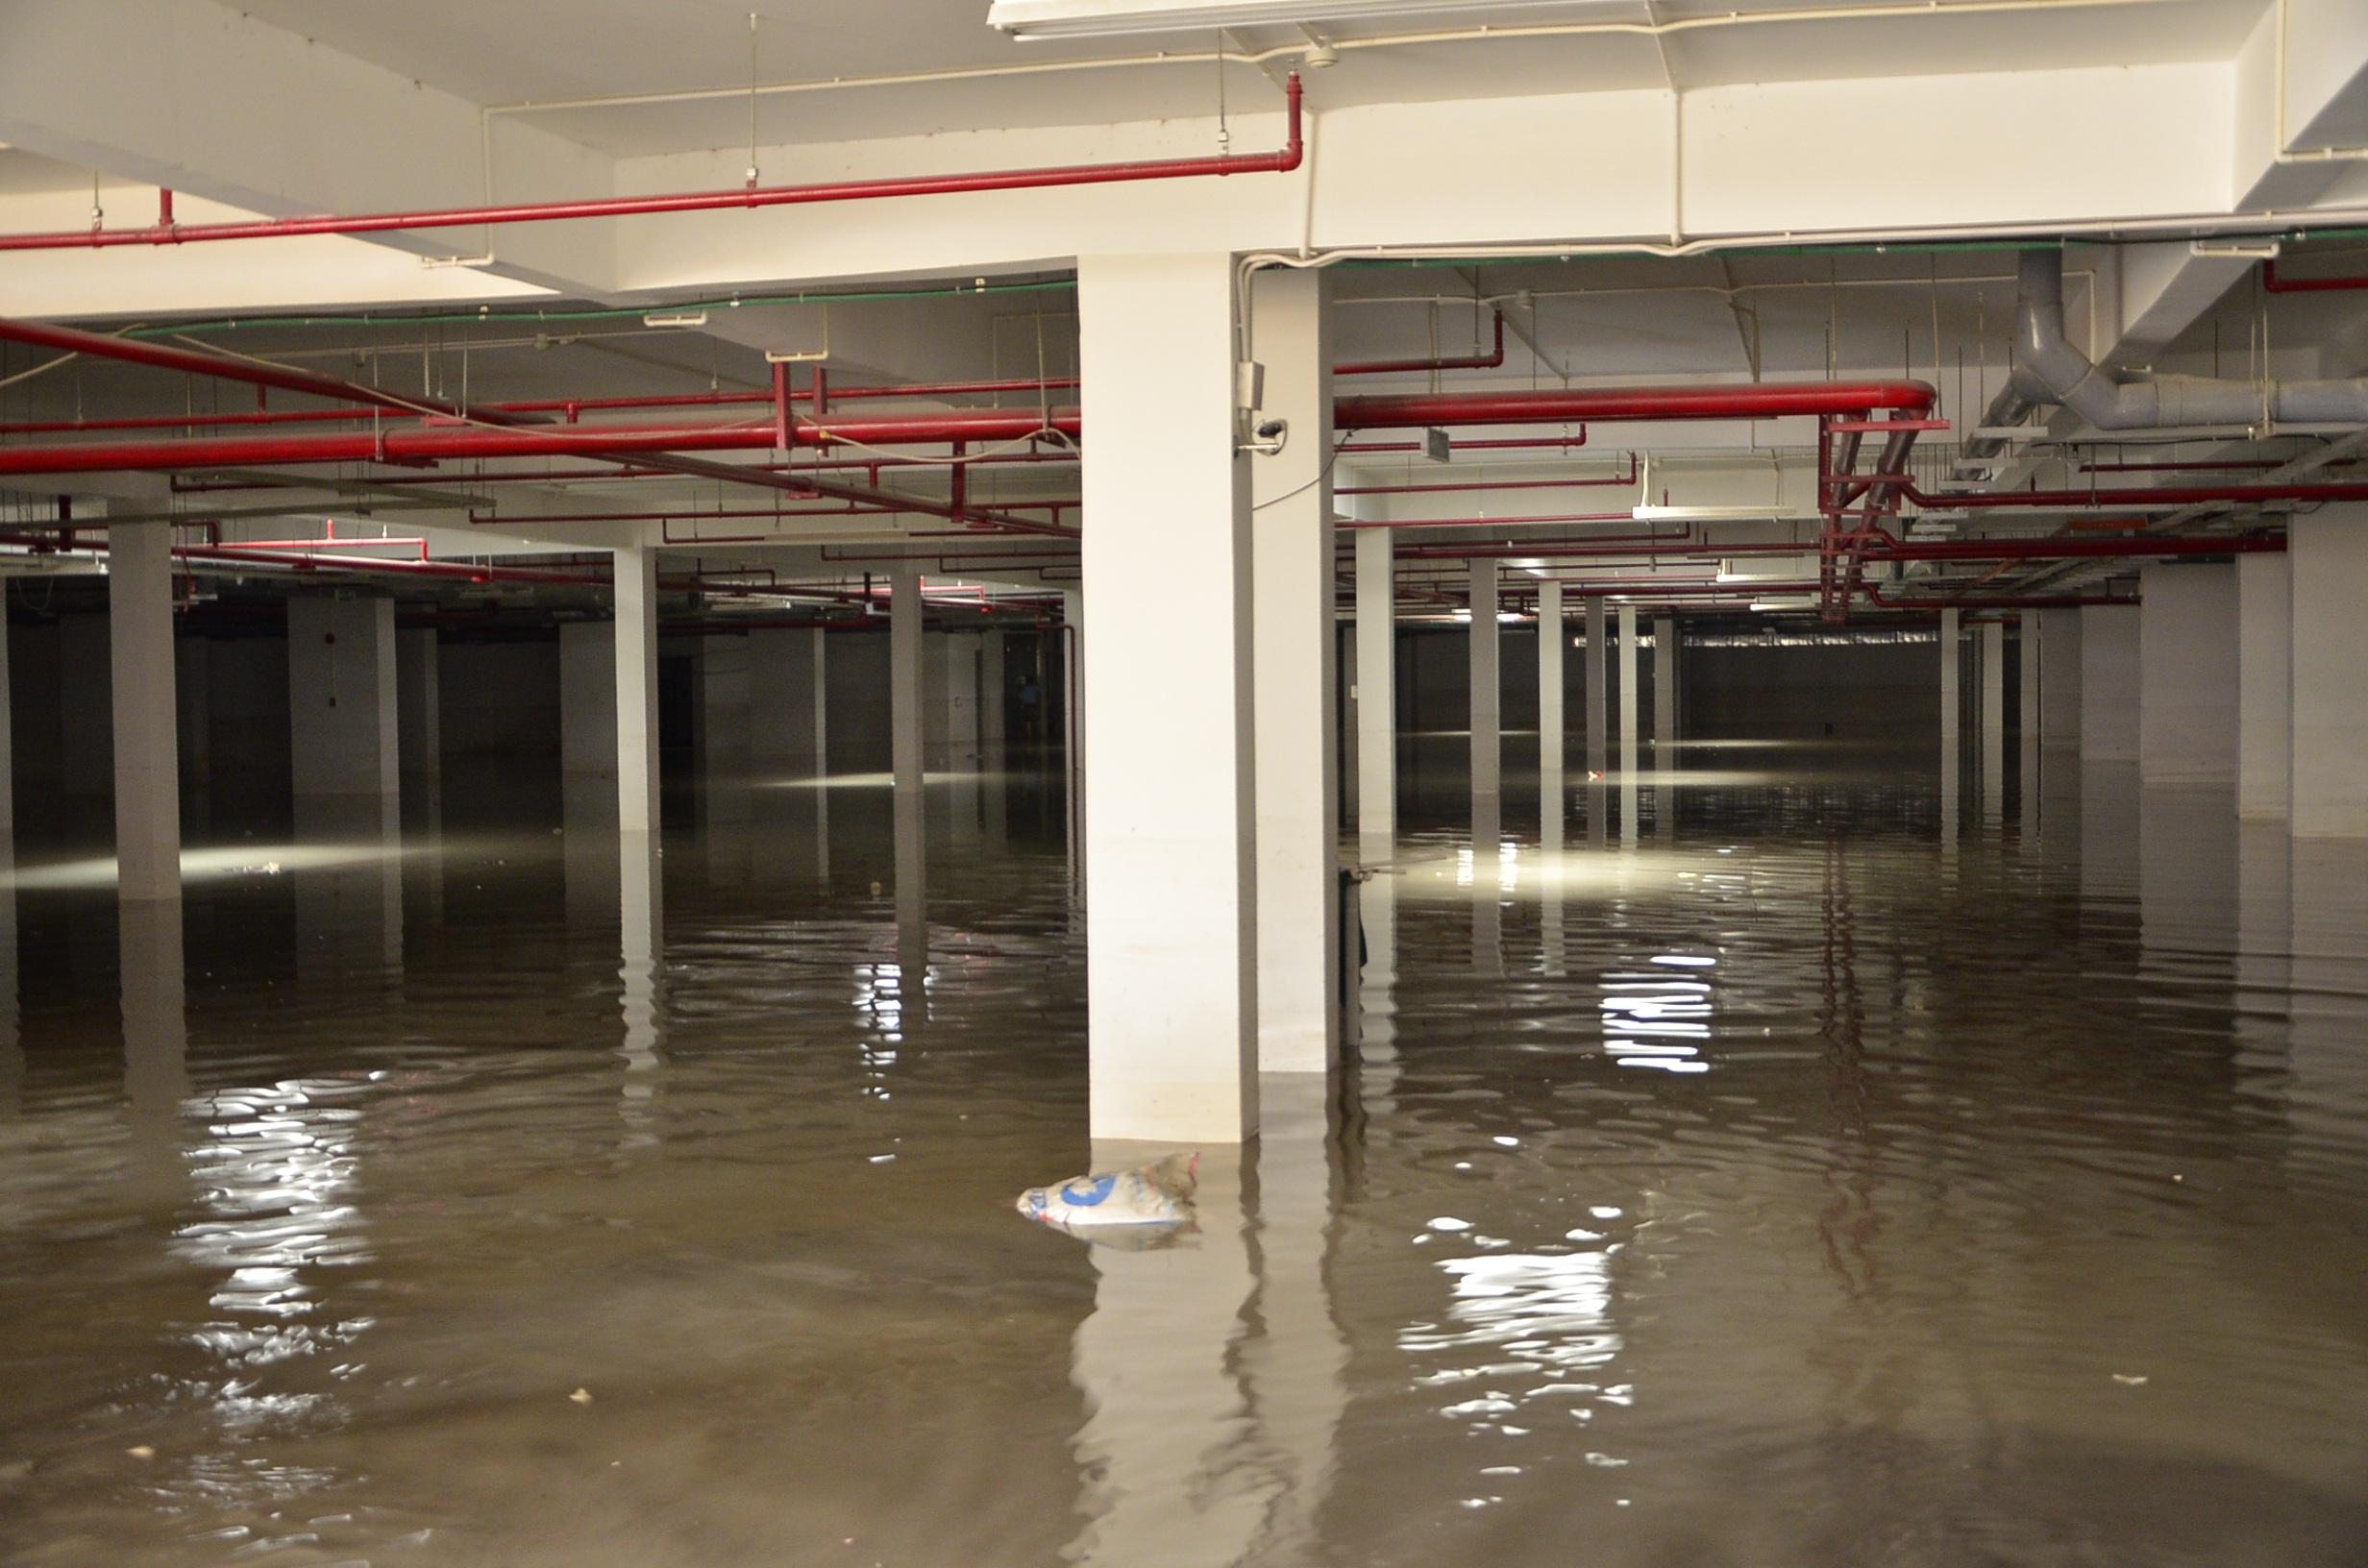 Đến chiều nay 17/9, nước trong hầm vẫn còn ngập sâu